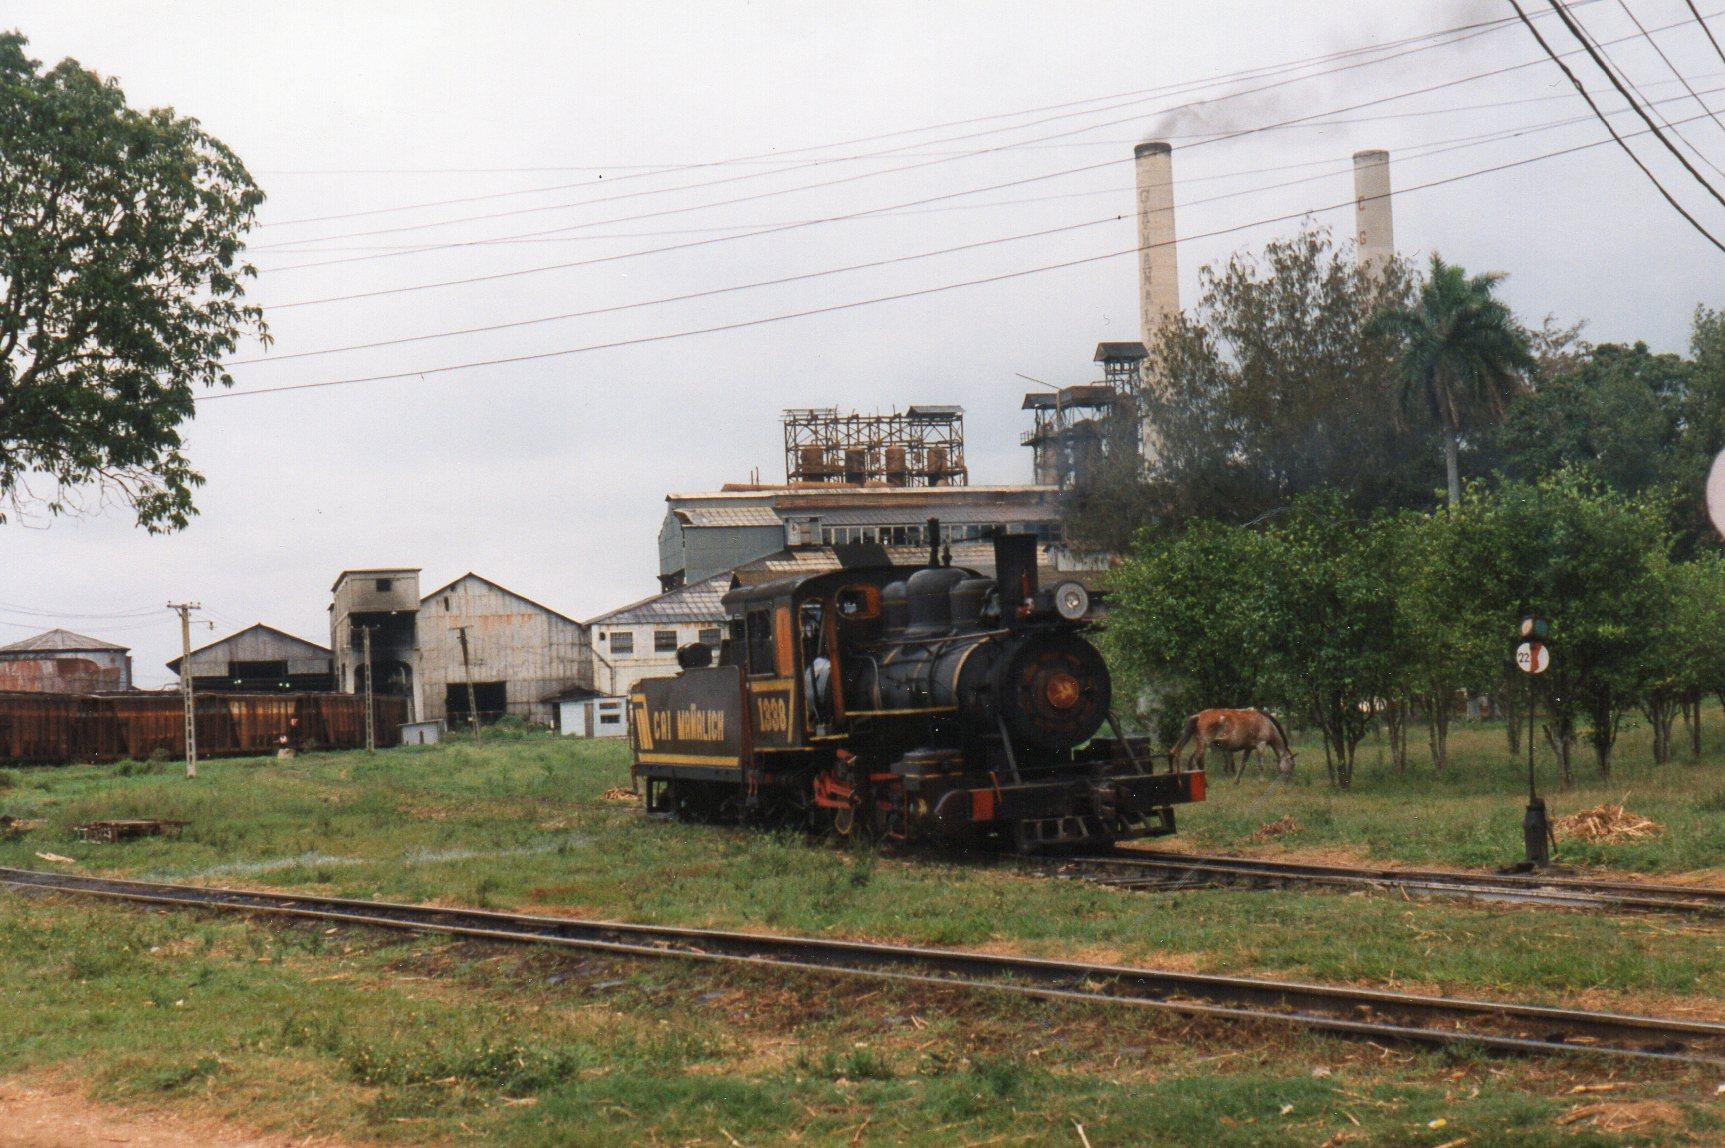 CAI 207 Gregorio Arlee Mañalis 1307, Baldwin 53685/1920. 1'D. 762 mm. Vi havde ikke købt adgang til fabrikken, men uden for hegnet var godt indkig. Her smalspordelen. Normalsporet ligger til venstre og vogne anes.